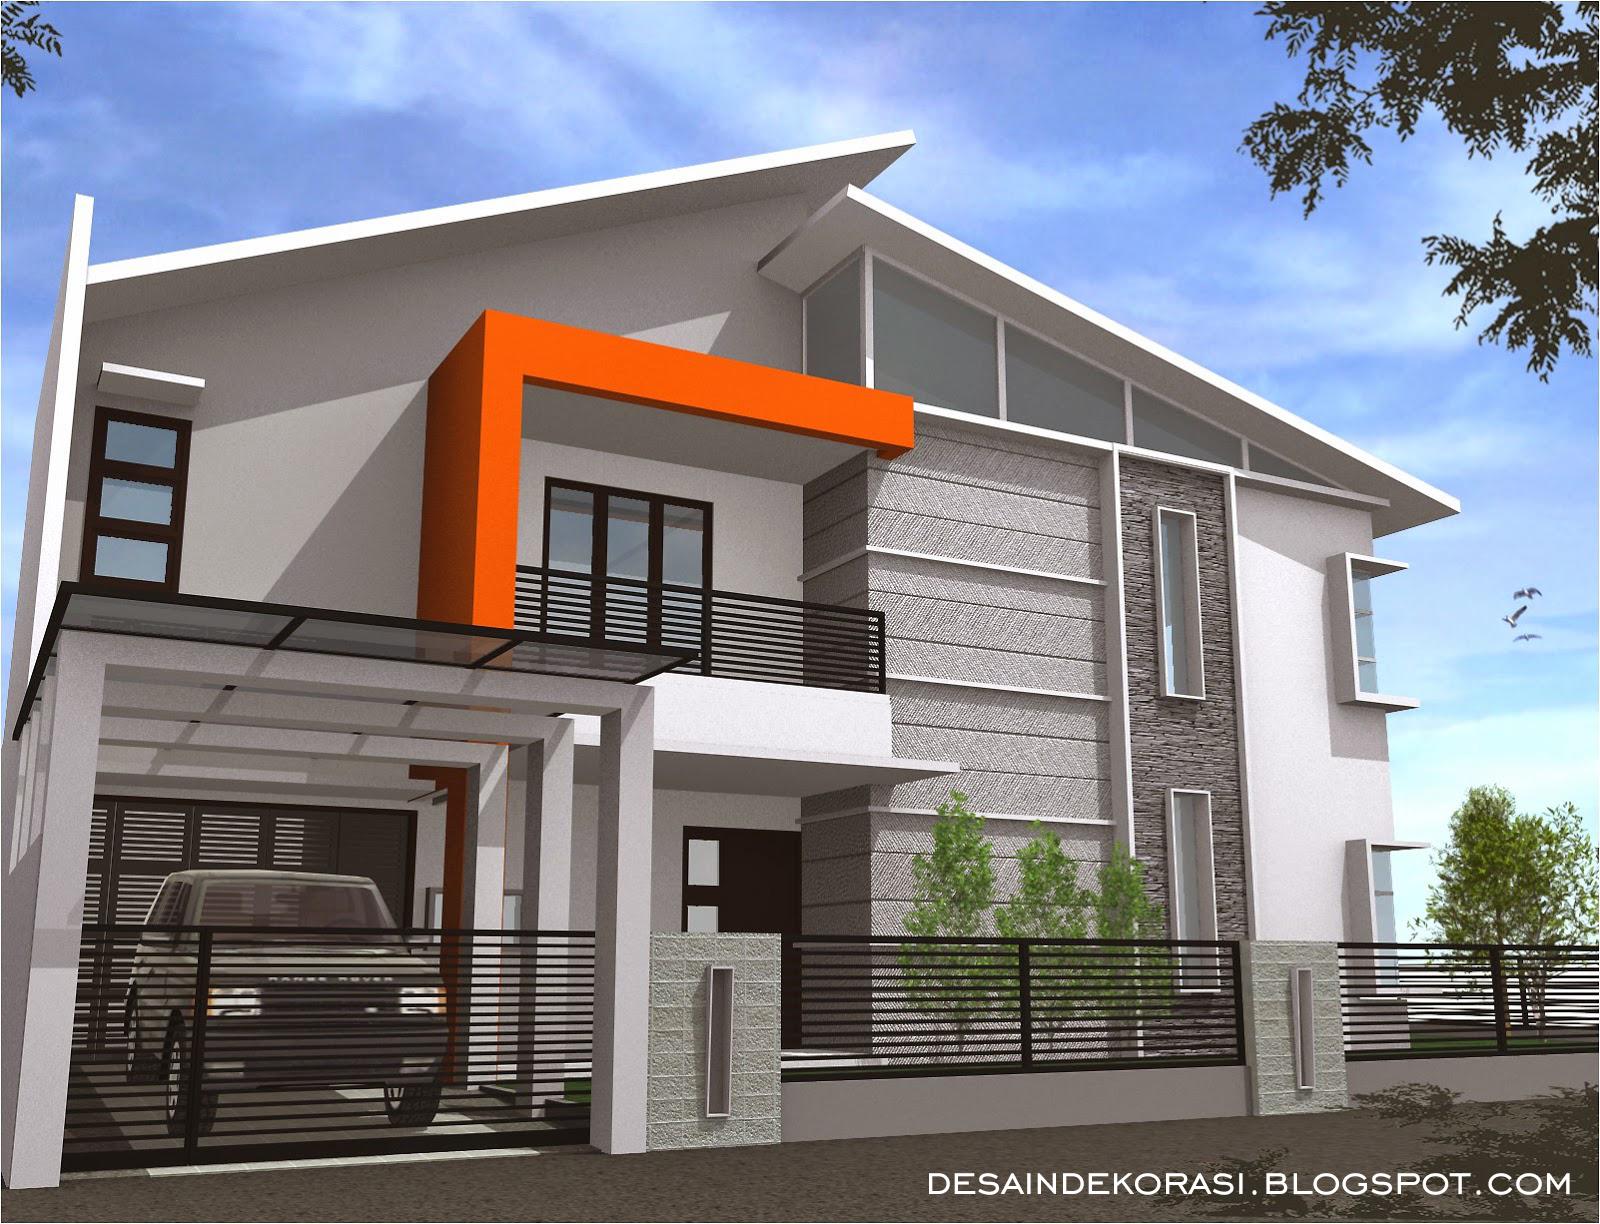 Contoh Arsitektur Pagar Rumah Minimalis Dan Gambar Desain Dekorasi